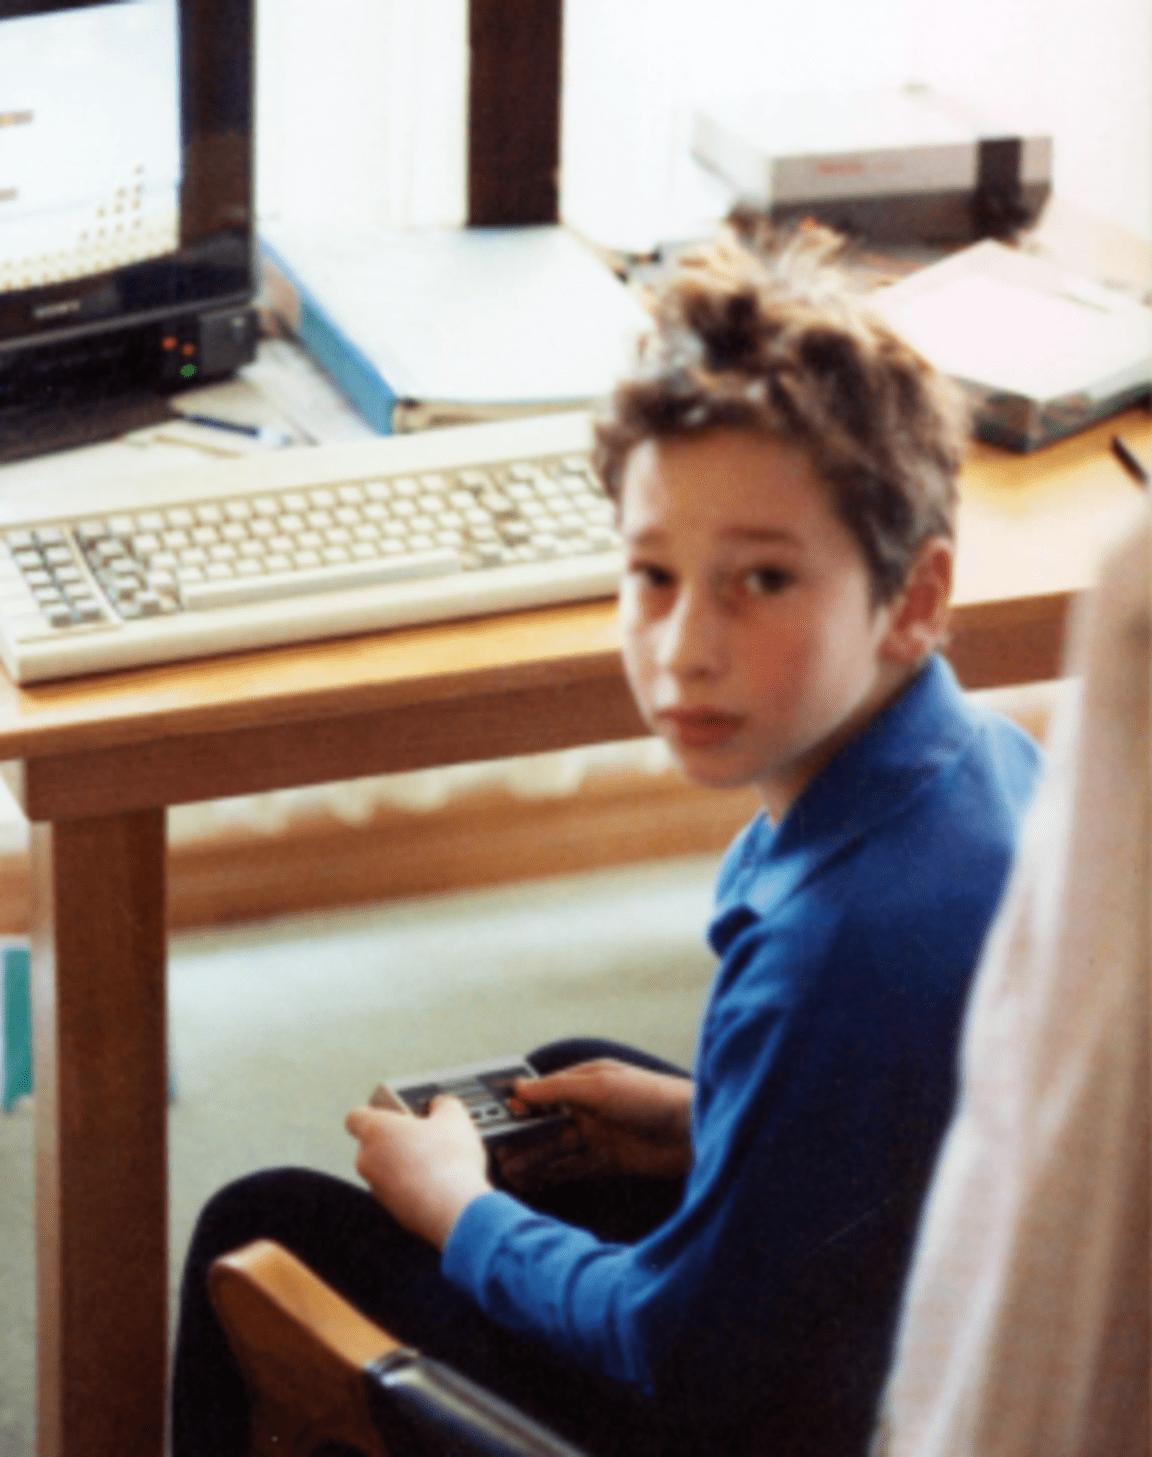 Shane as a kid